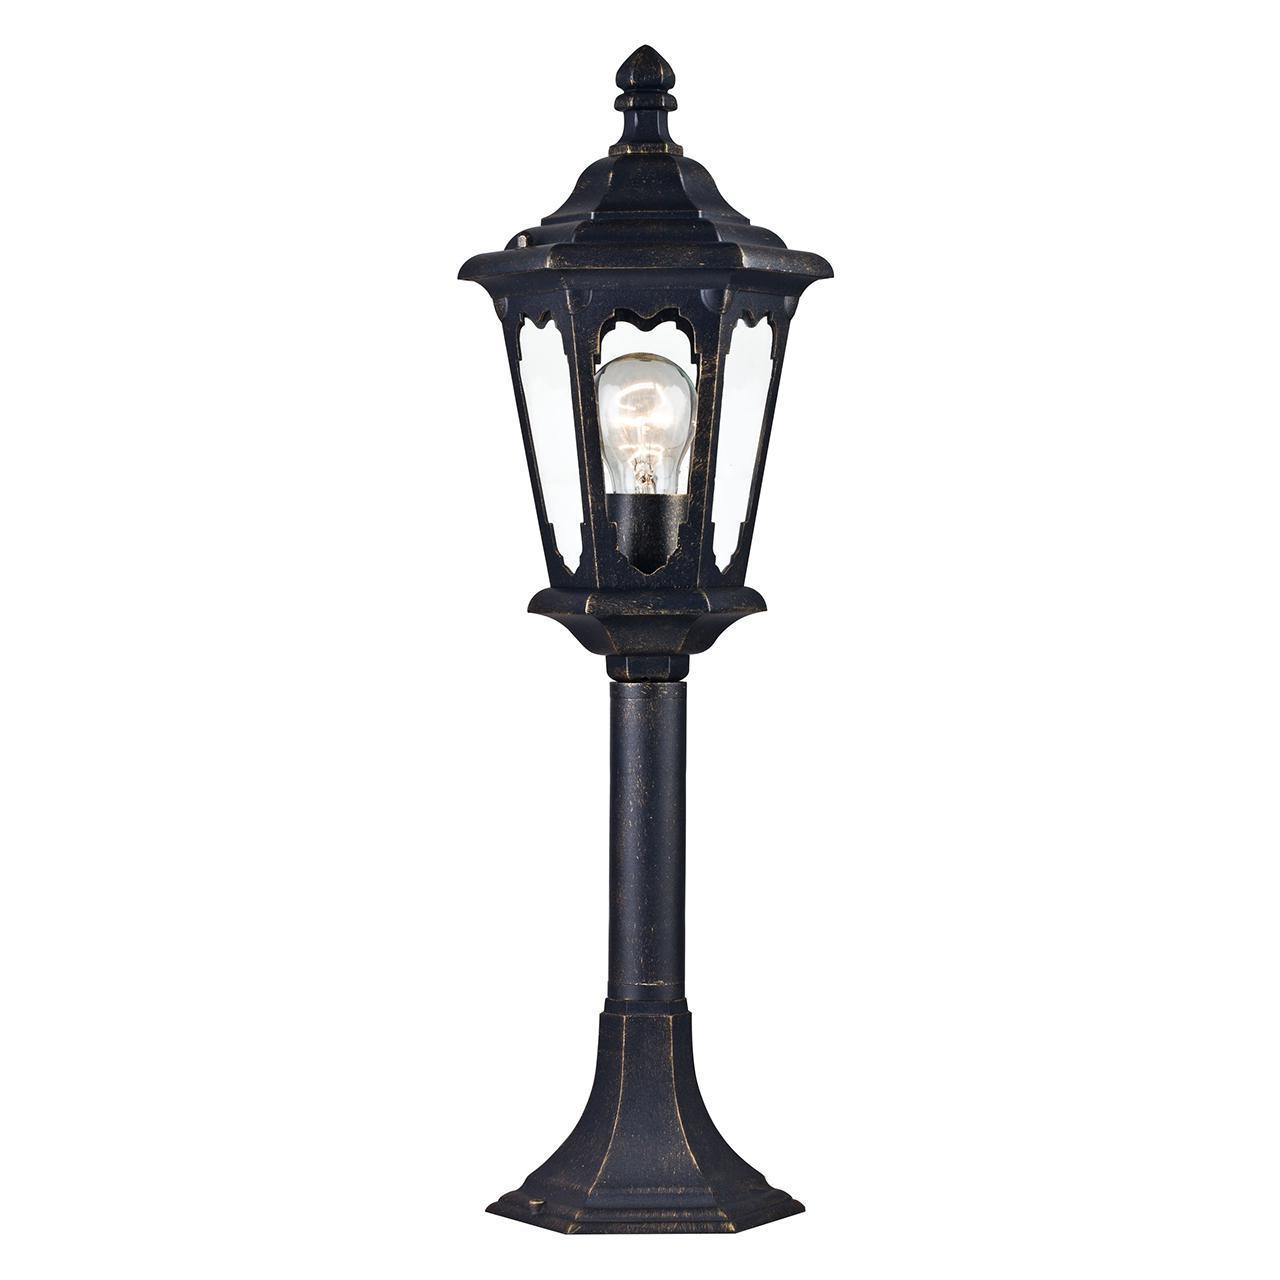 Уличный светильник Maytoni Oxford S101-60-31-R подвесной светильник maytoni oxford s101 10 41 r